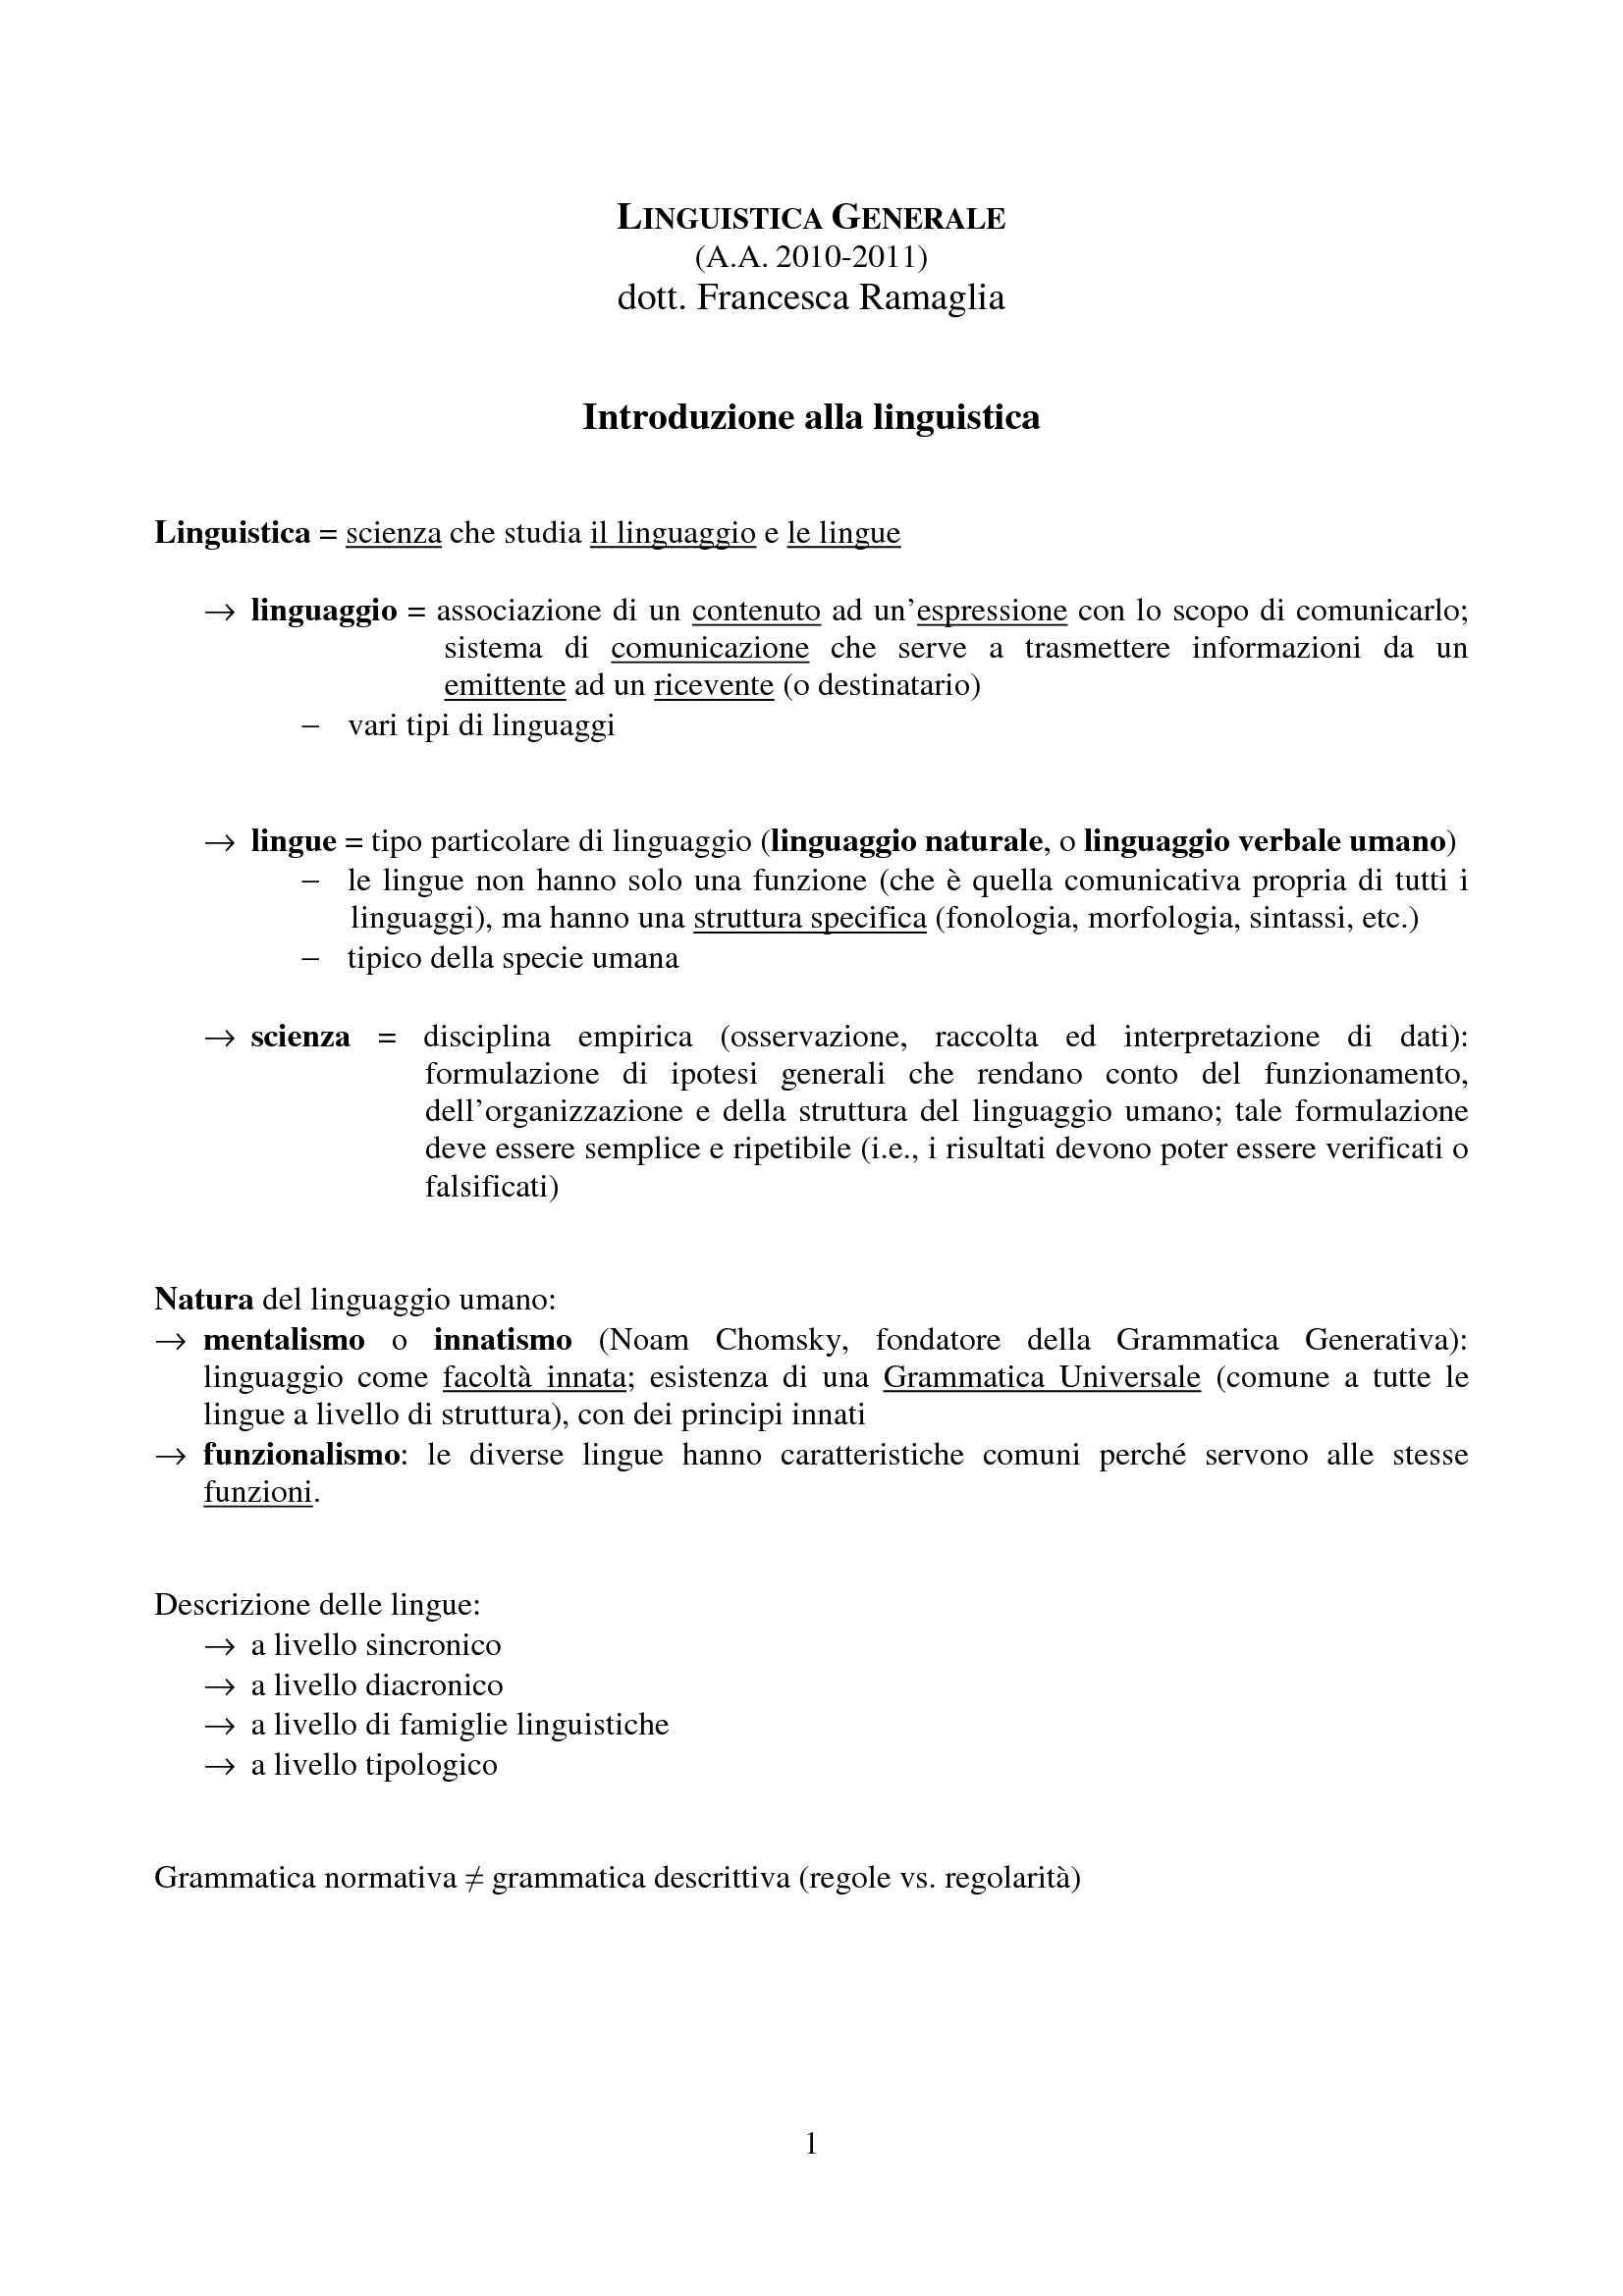 Linguistica - Introduzione